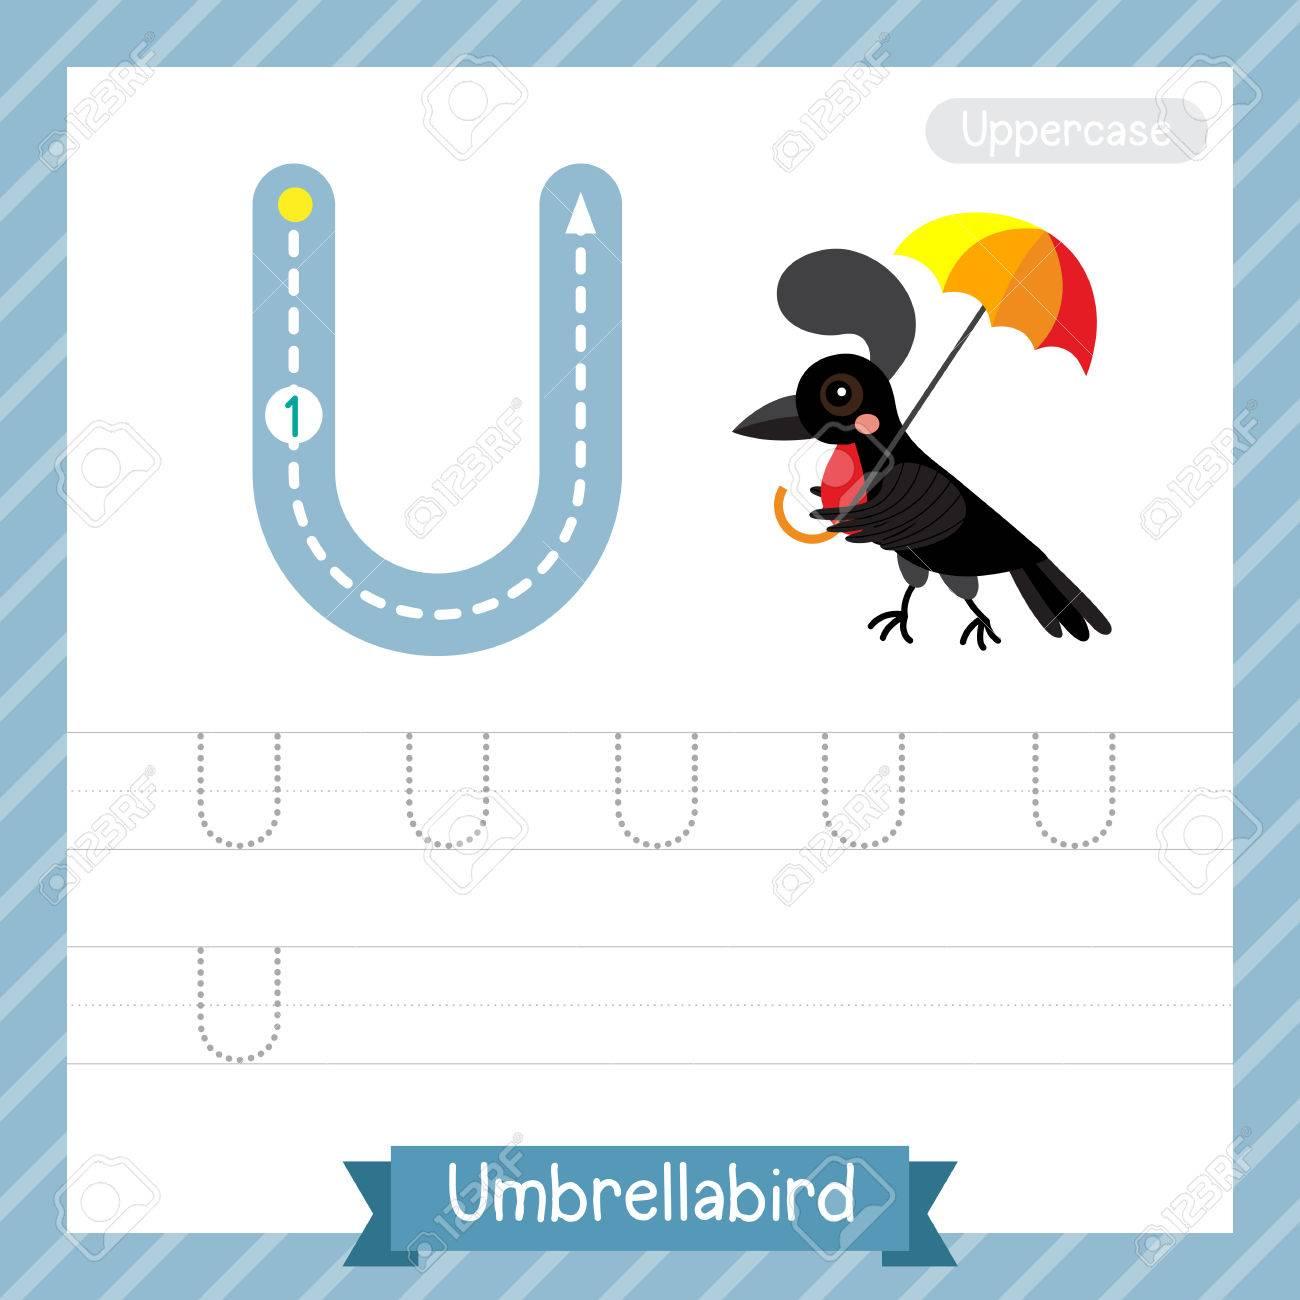 Letter U Großbuchstaben Übungsarbeitsblatt Mit Regenschirmschirm Für ...